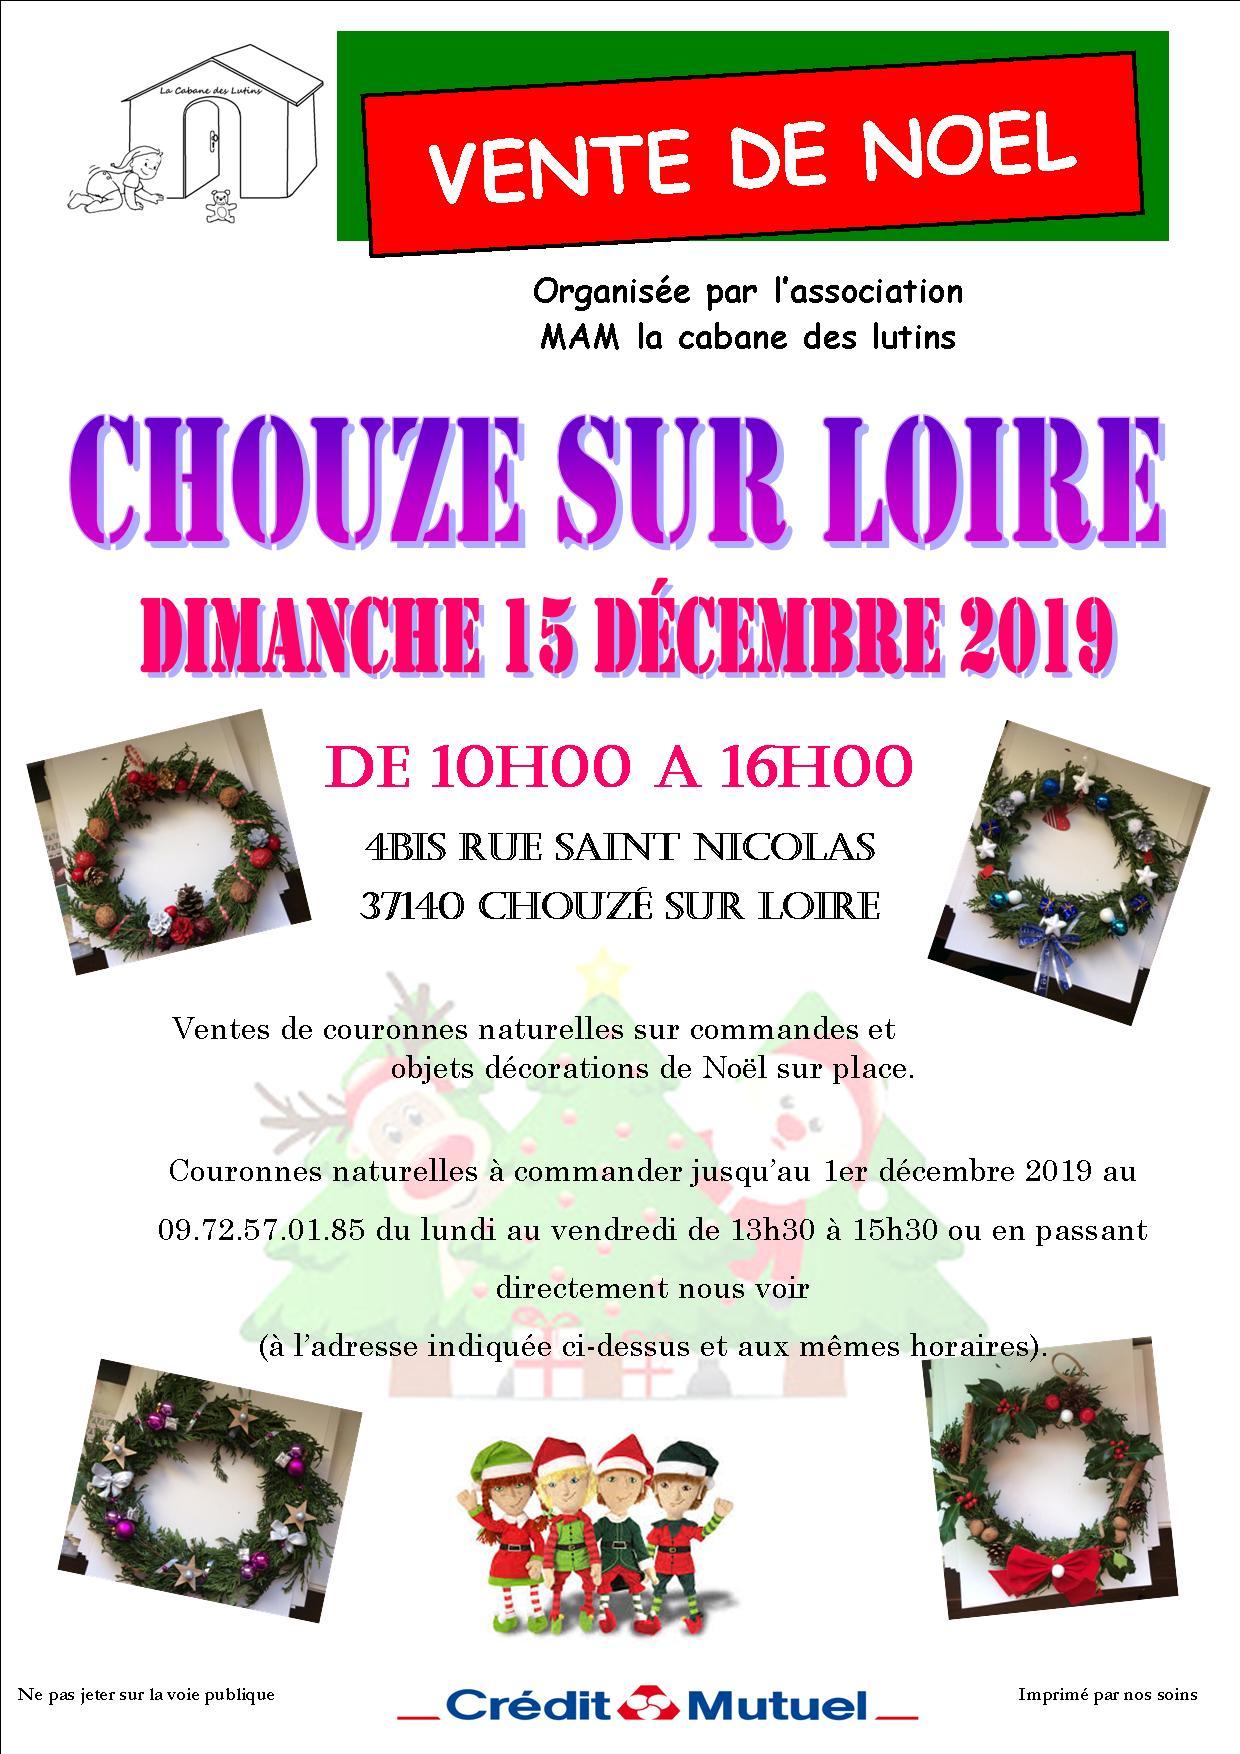 Affiche vente de Noël MAM - 15.12.2019.jpg